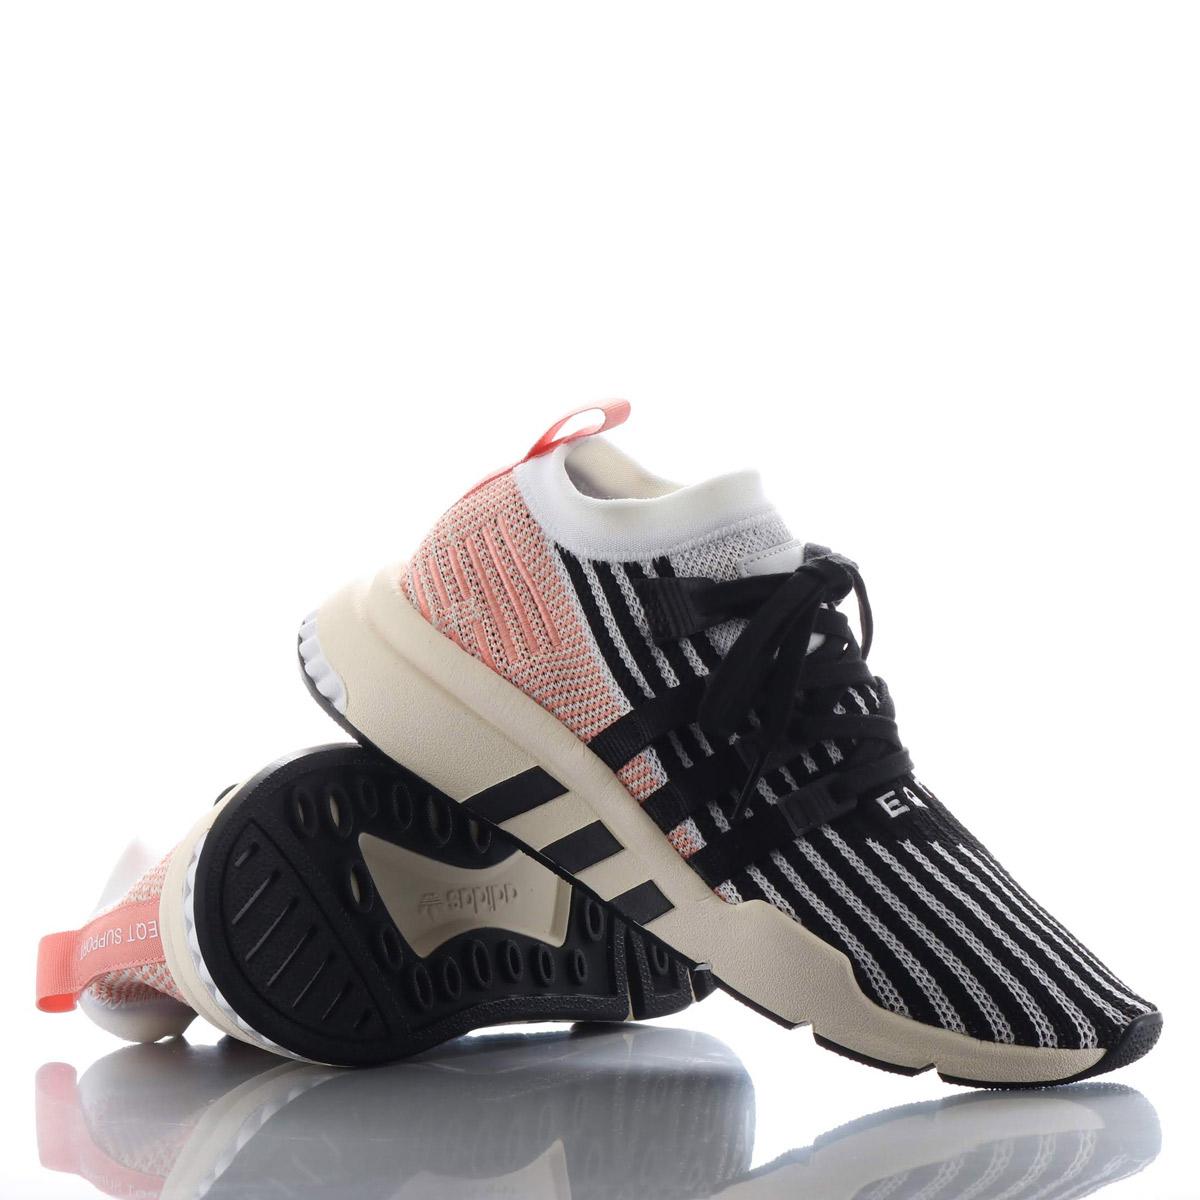 info for ce3ea b8f71 adidas Originals EQT SUPPORT MID ADV PK (Adidas originals E cue tea support  MID ADV PK) RUNNING WHITE/CORE BLACK/TRACE PINK 18FA-I